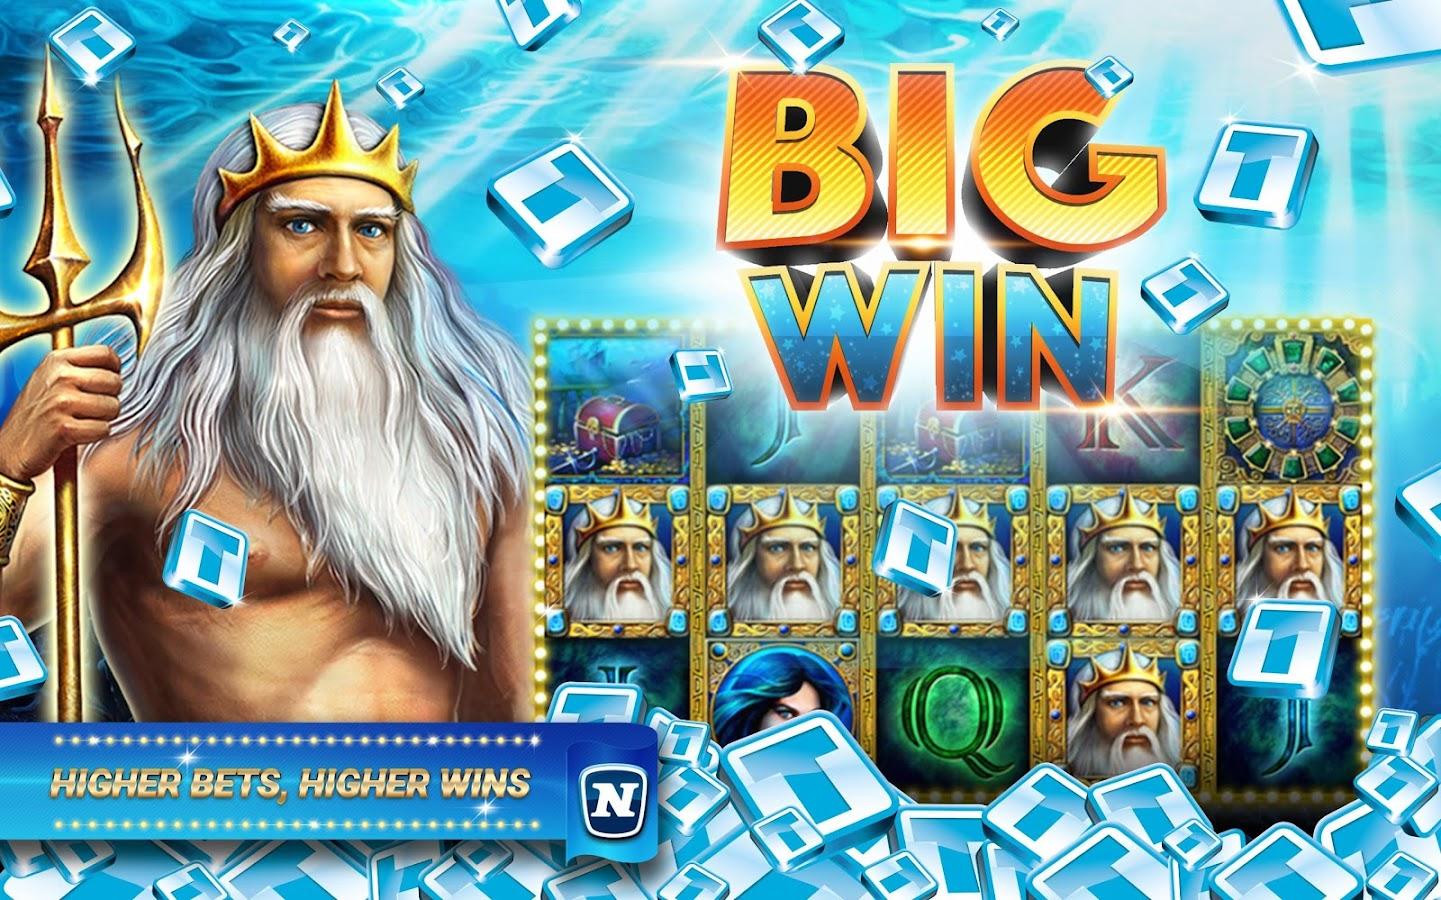 neue microgaming casinos 2020